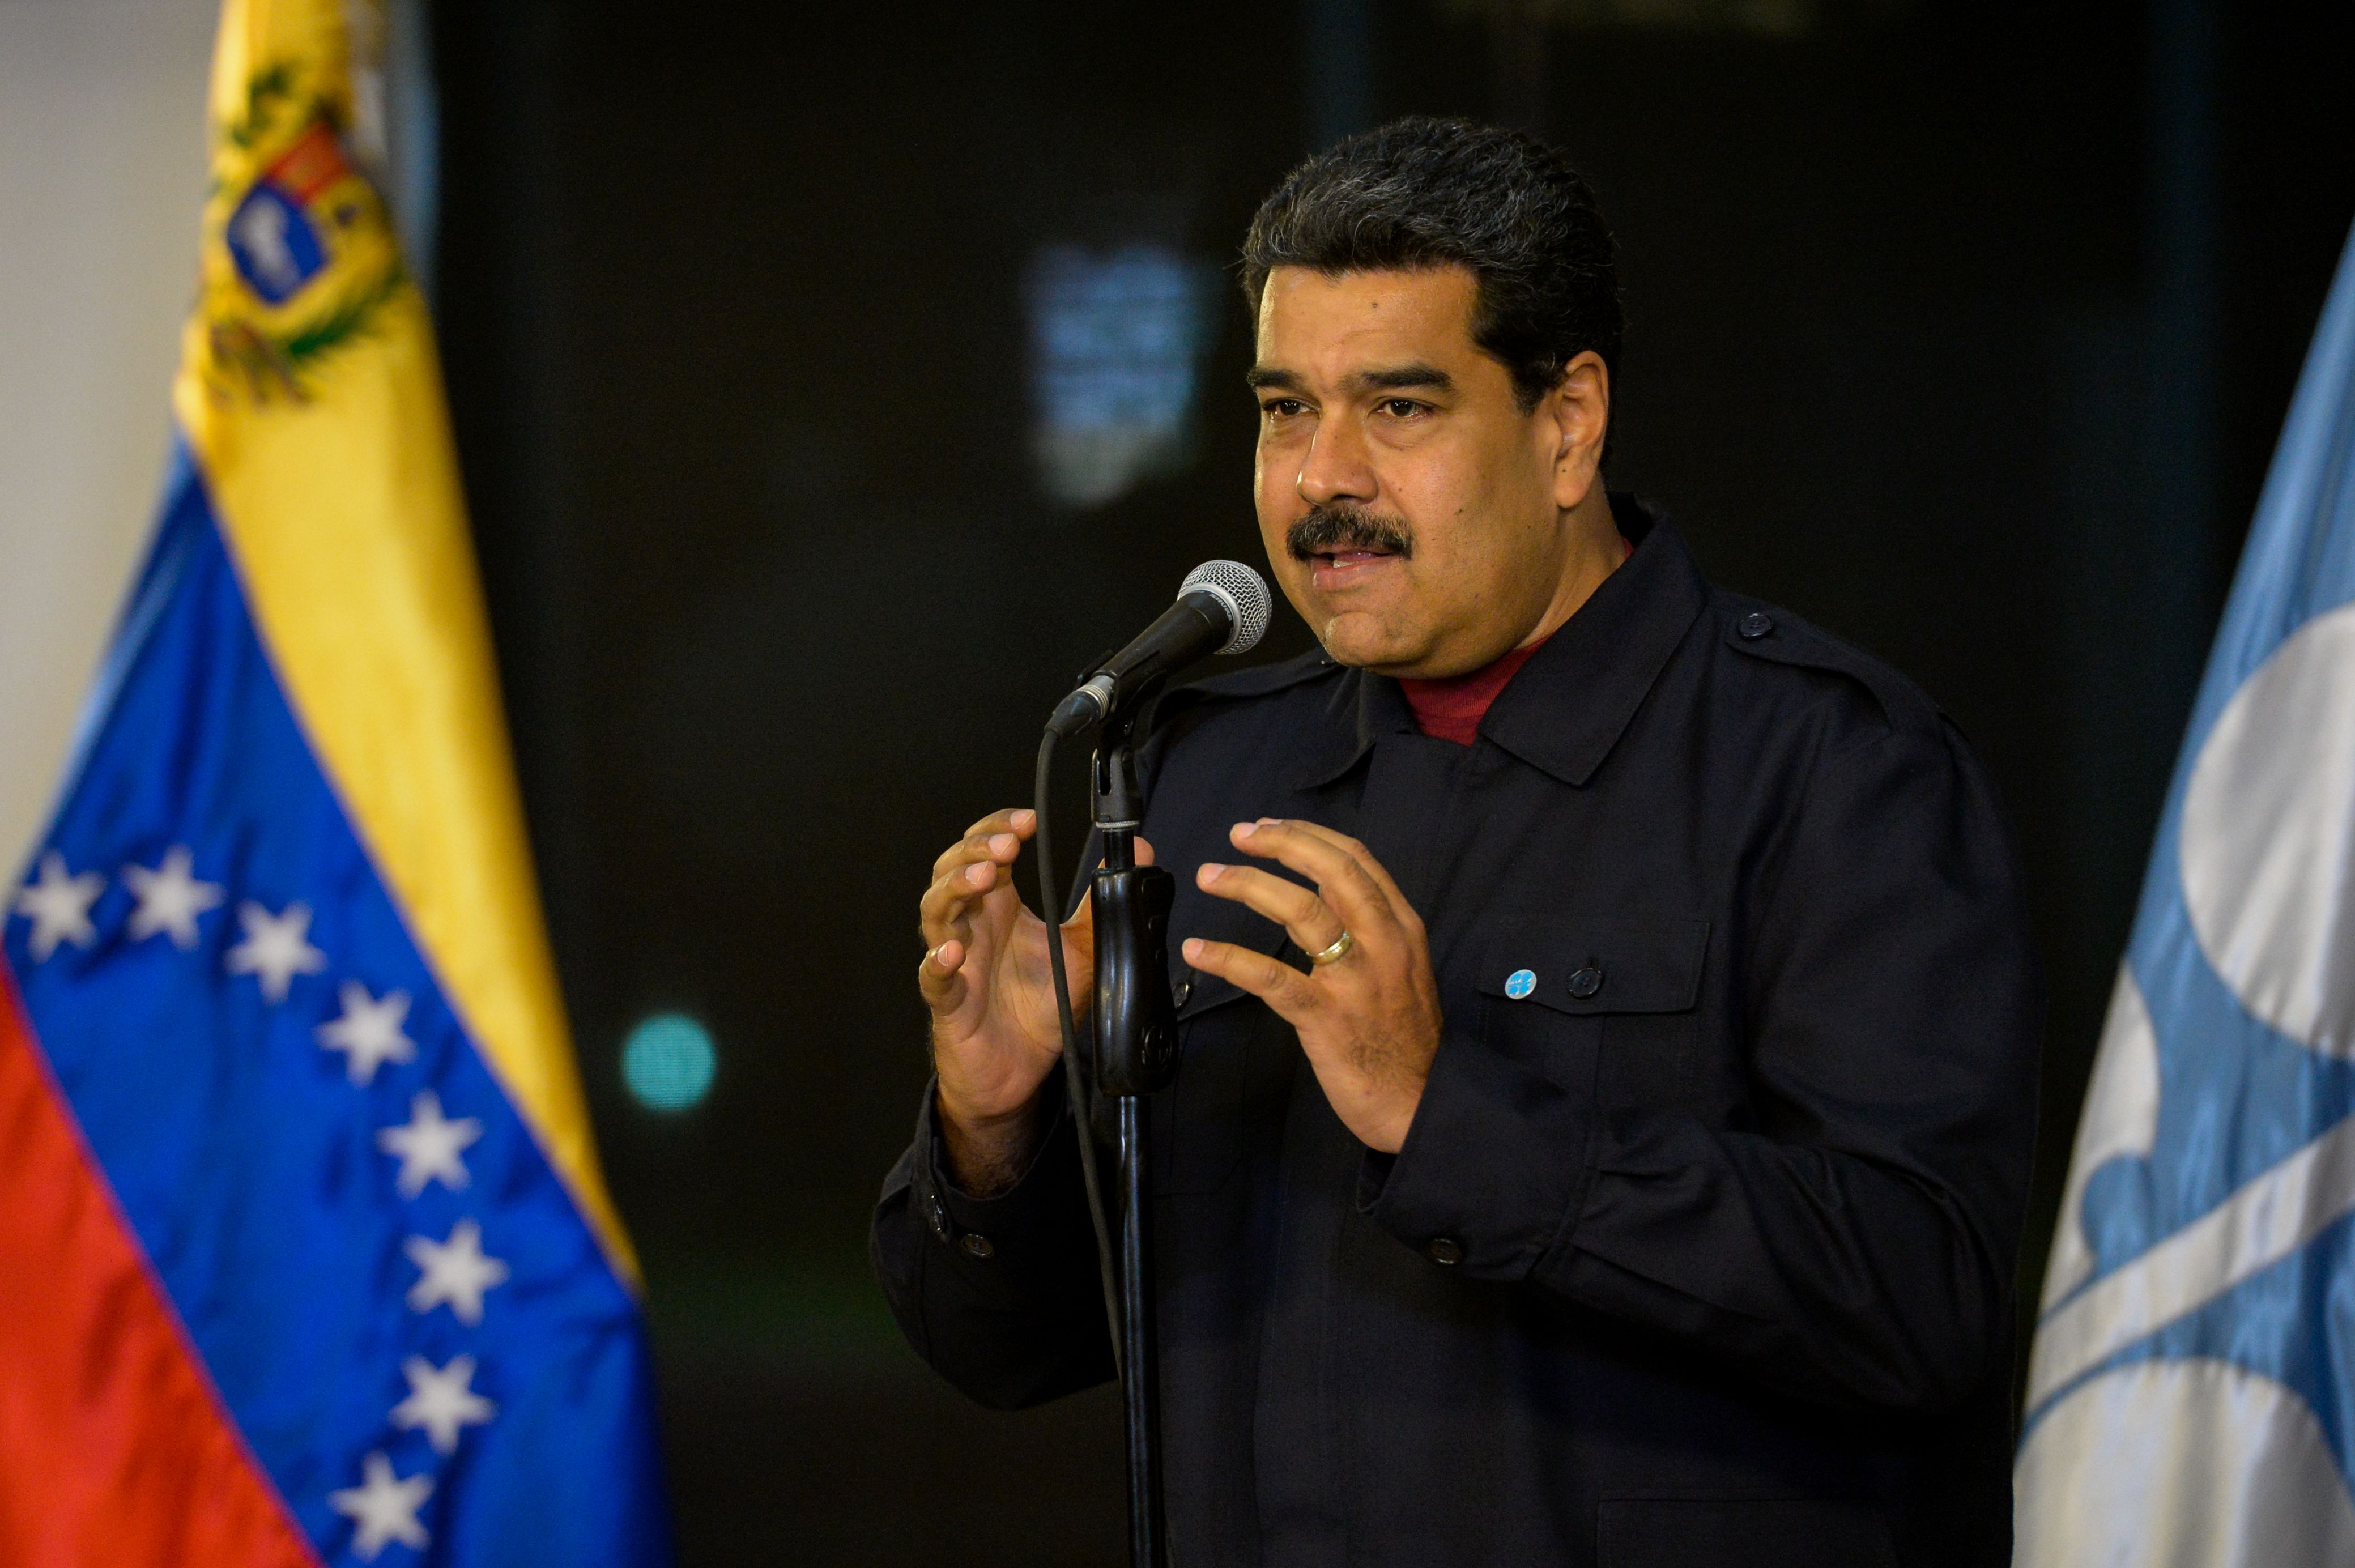 VENEZUELA-OPEC-MADURO